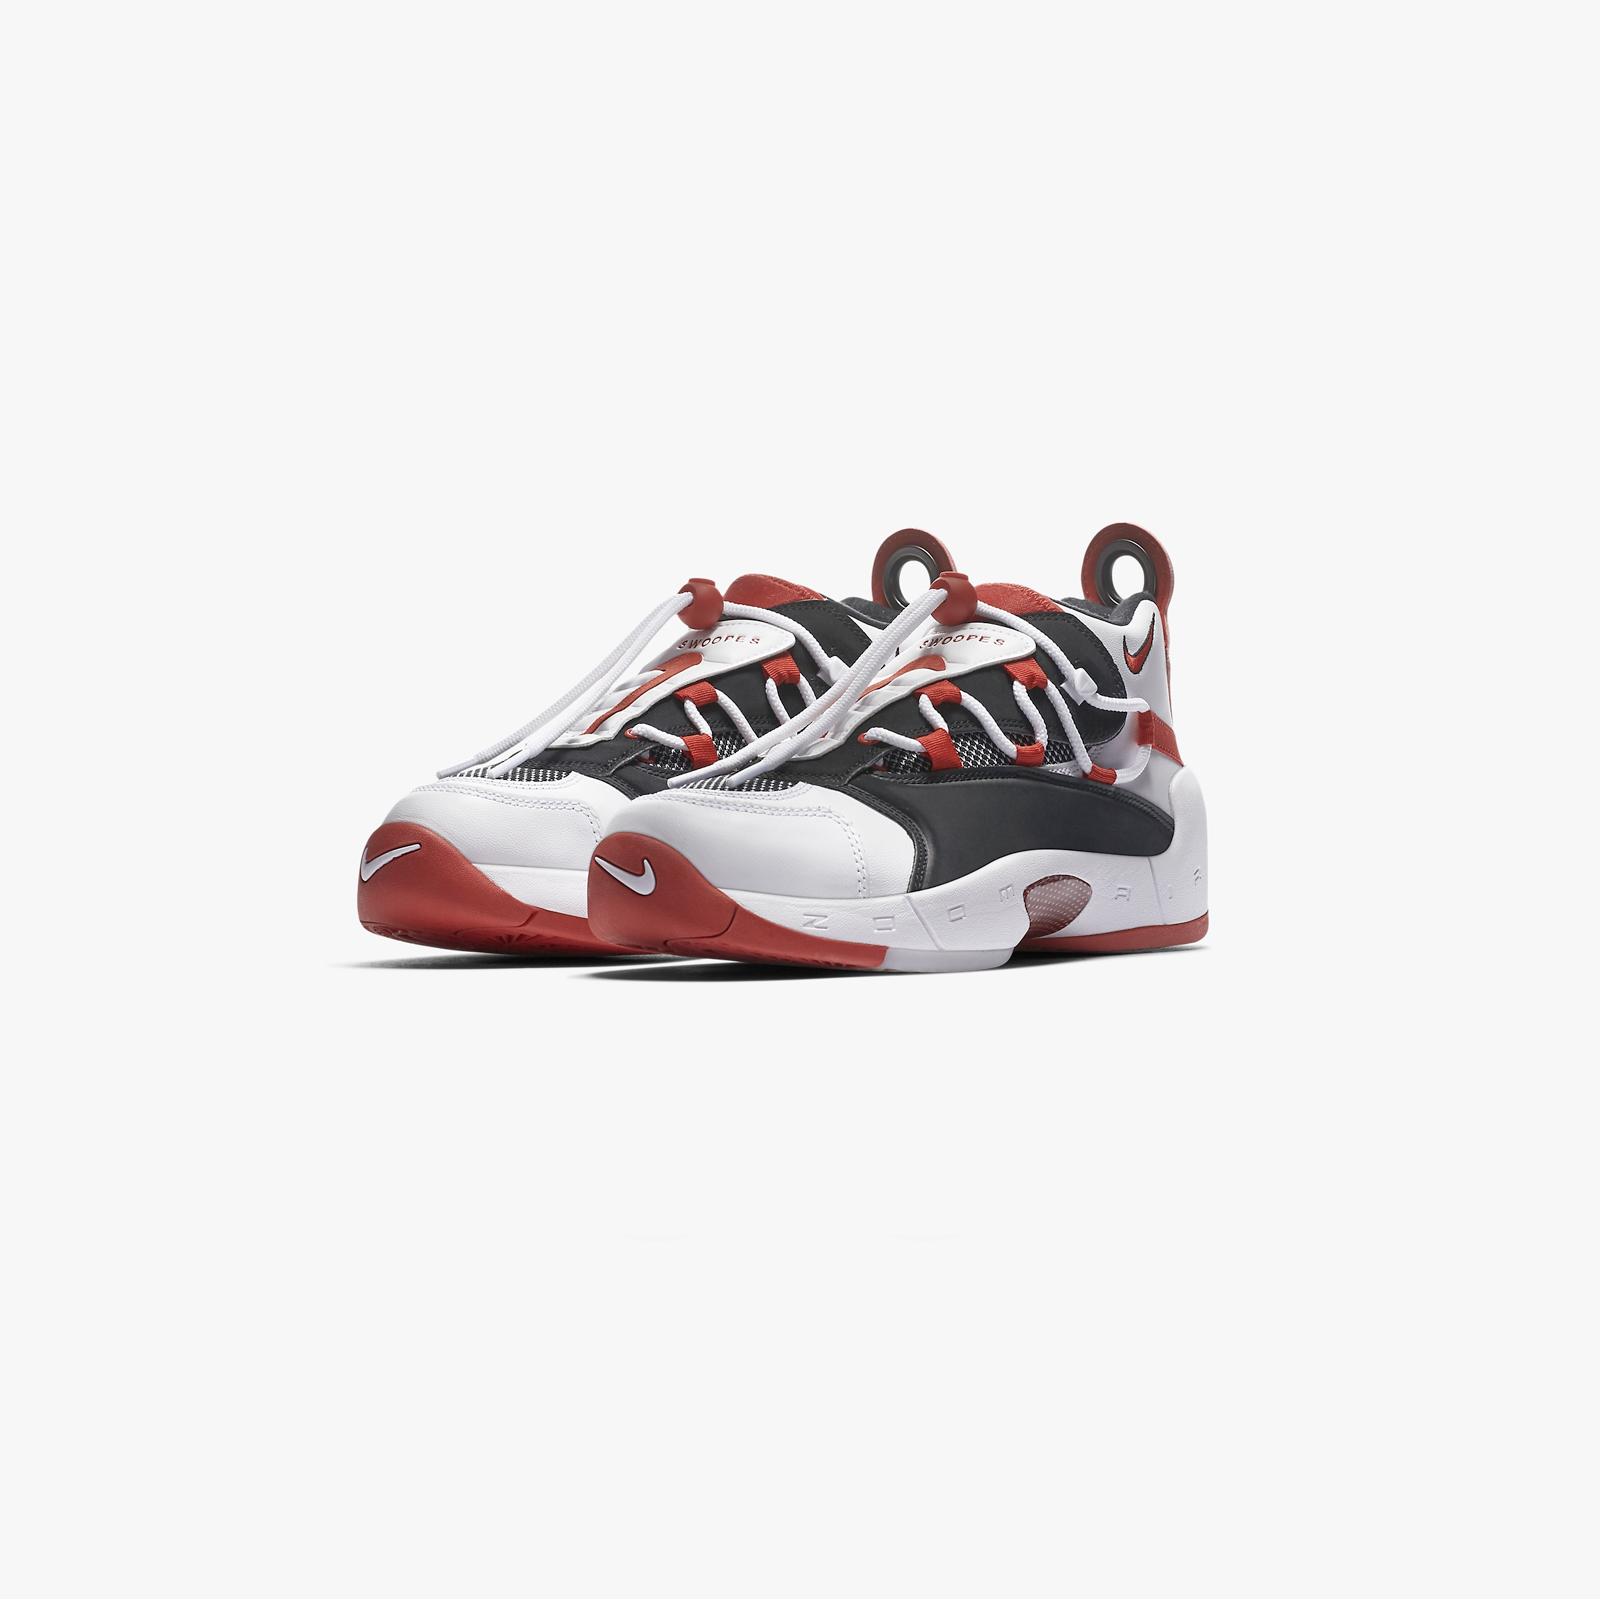 Nike Basketball Wmns Air Swoopes Ii Nike Basketball Wmns Air Swoopes Ii ... b514d8bcb